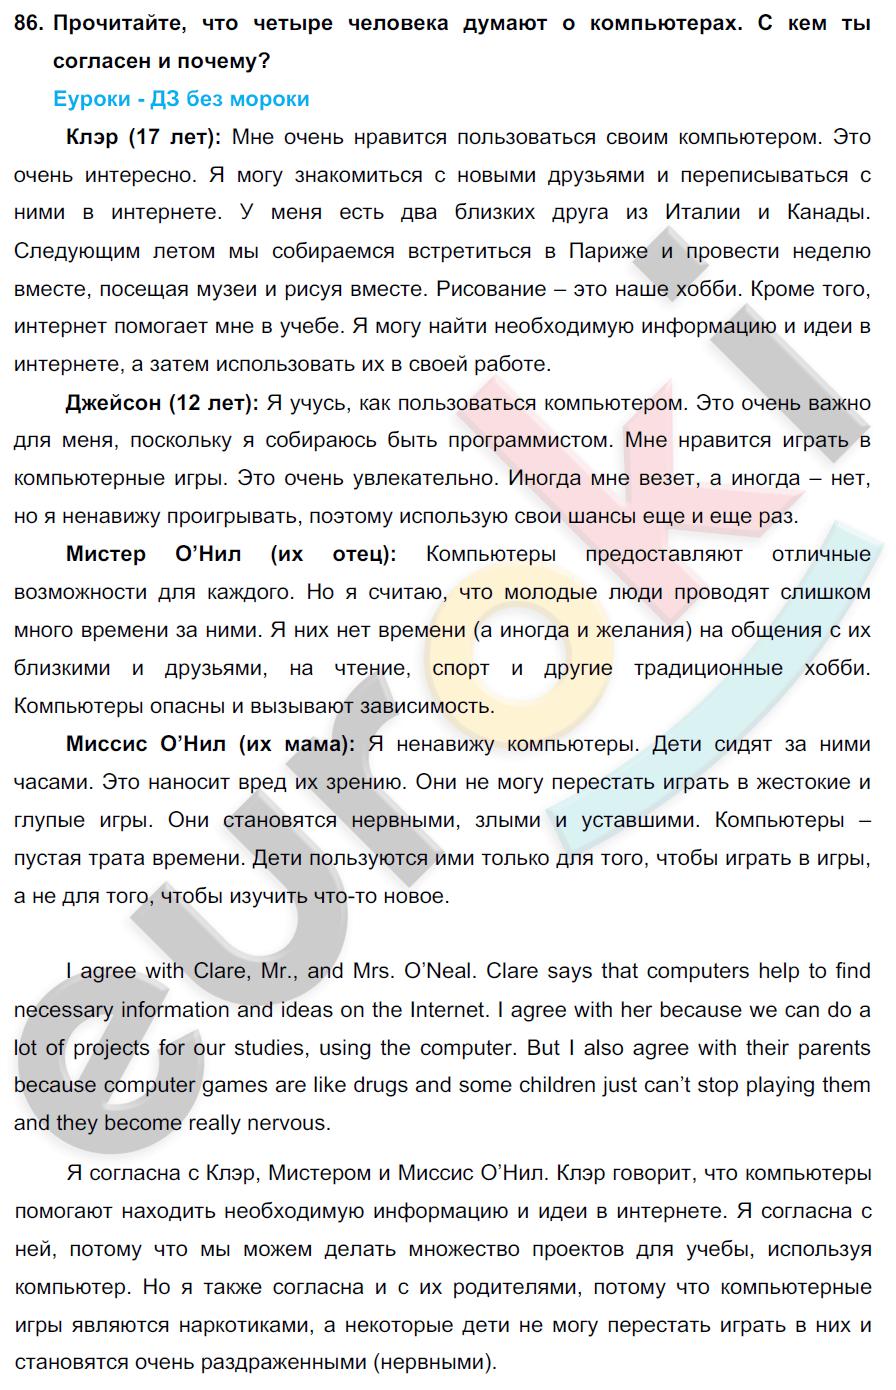 ГДЗ по английскому языку 7 класс Биболетова Юнит 1. Задание: 86